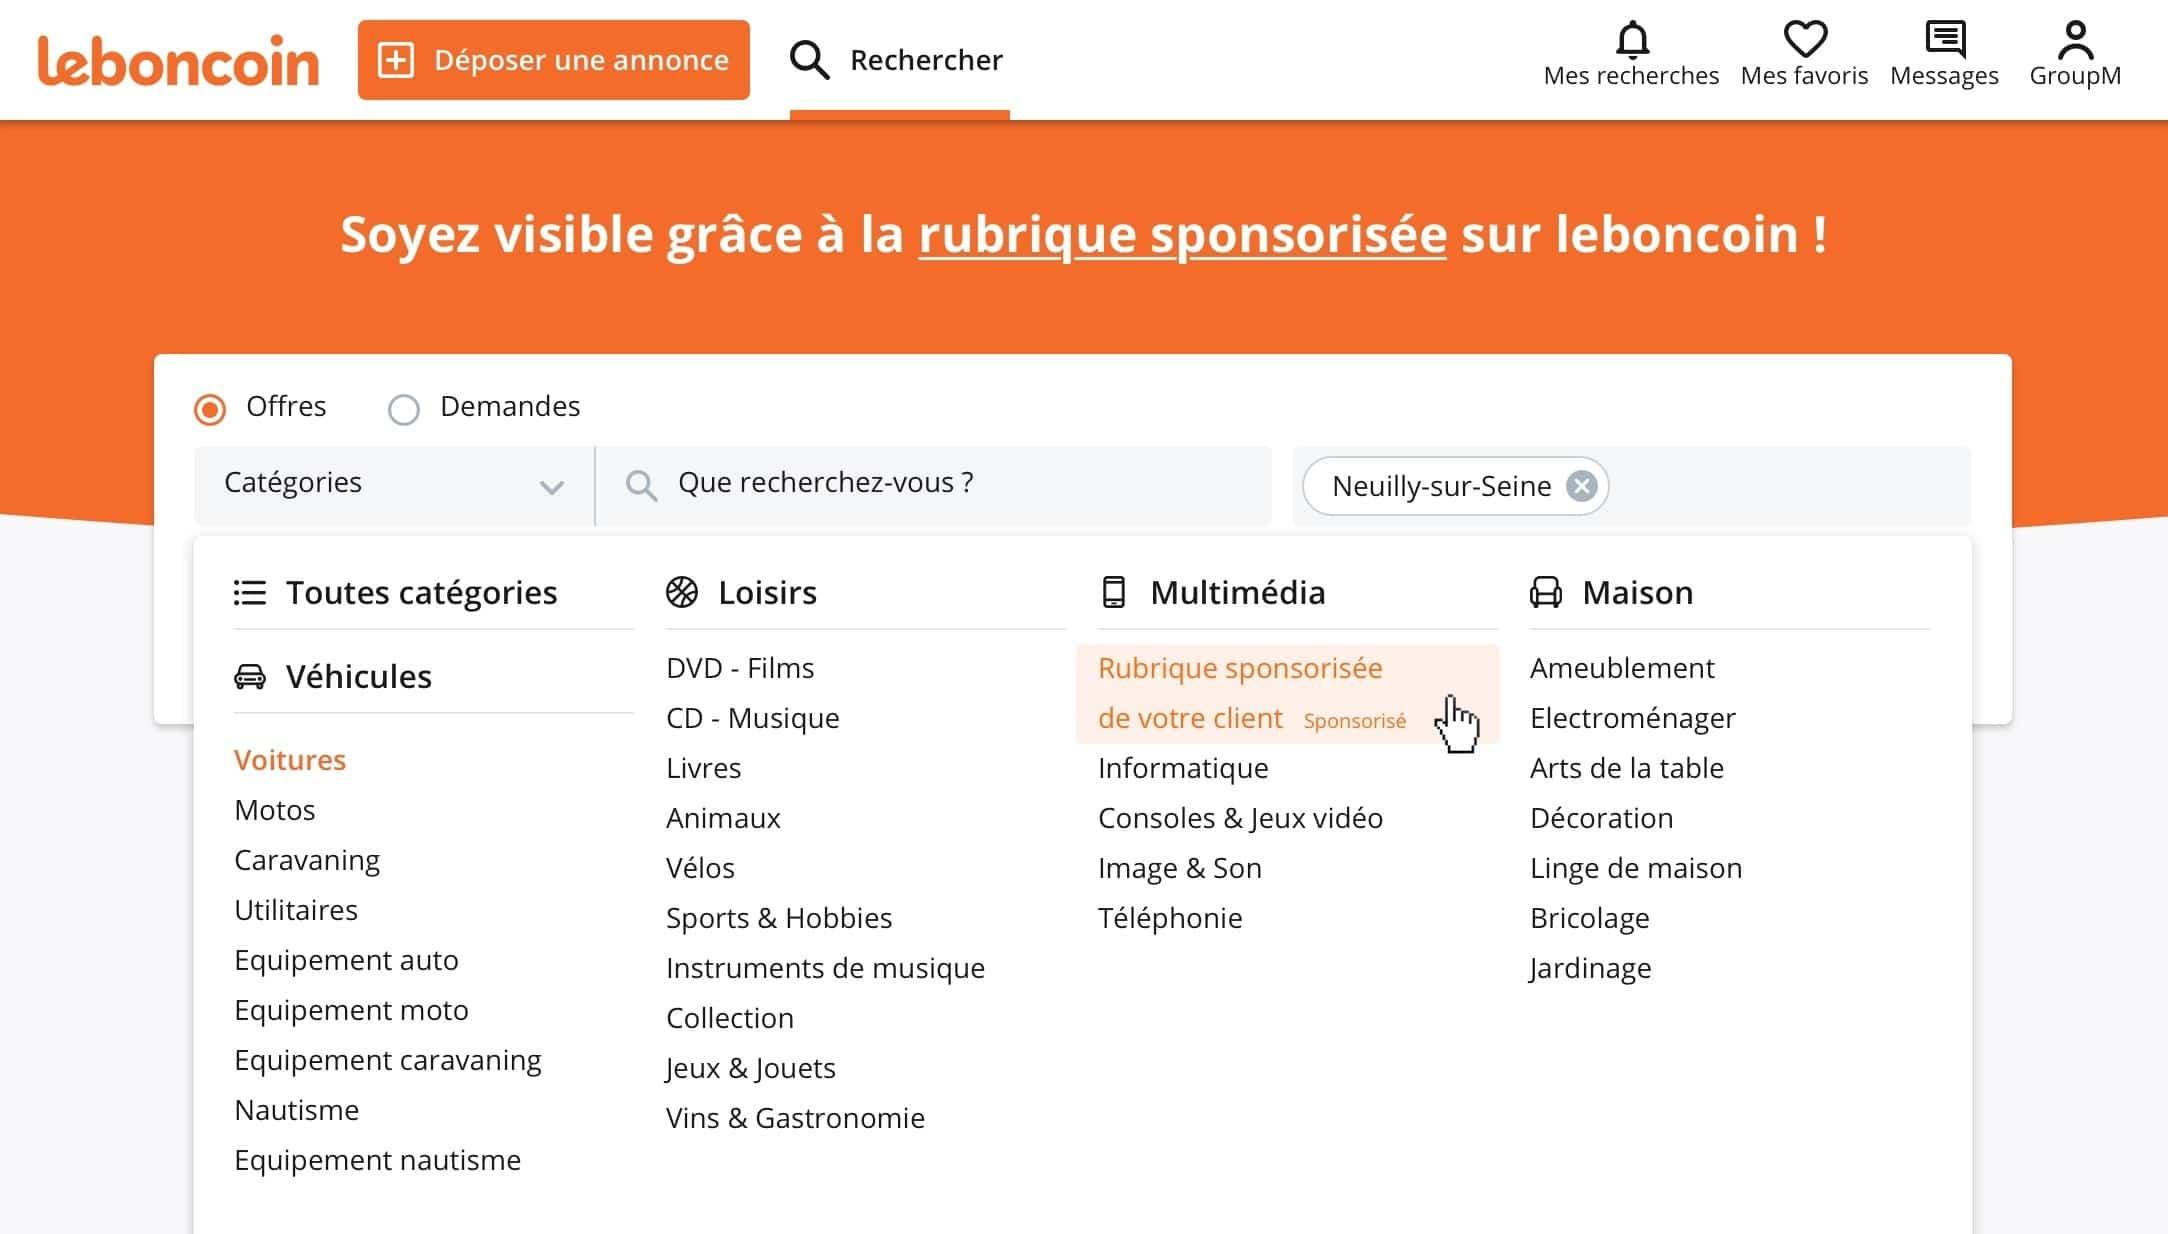 Faire de la publicité autrement sur leboncoin avec le nouveau produit opérations spéciales leboncoin Publicité : illustration de la rubrique sponsorisée